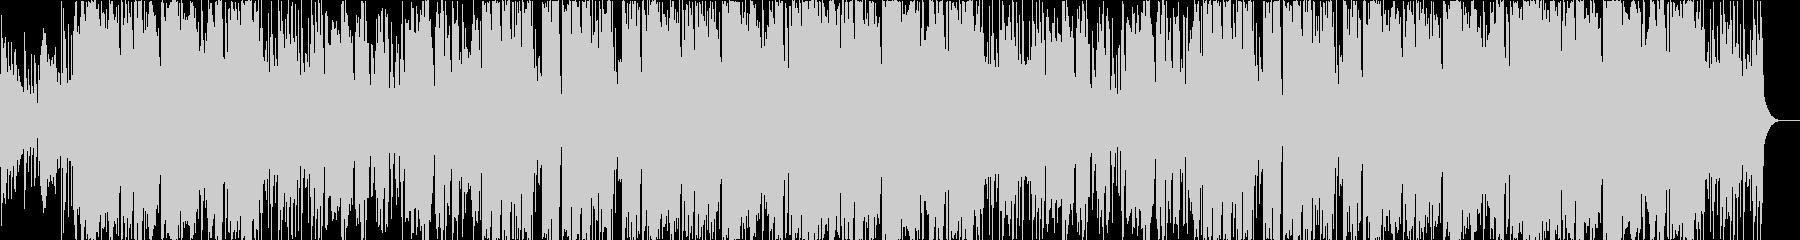 異世界・ファンタジーのロックBGMの未再生の波形